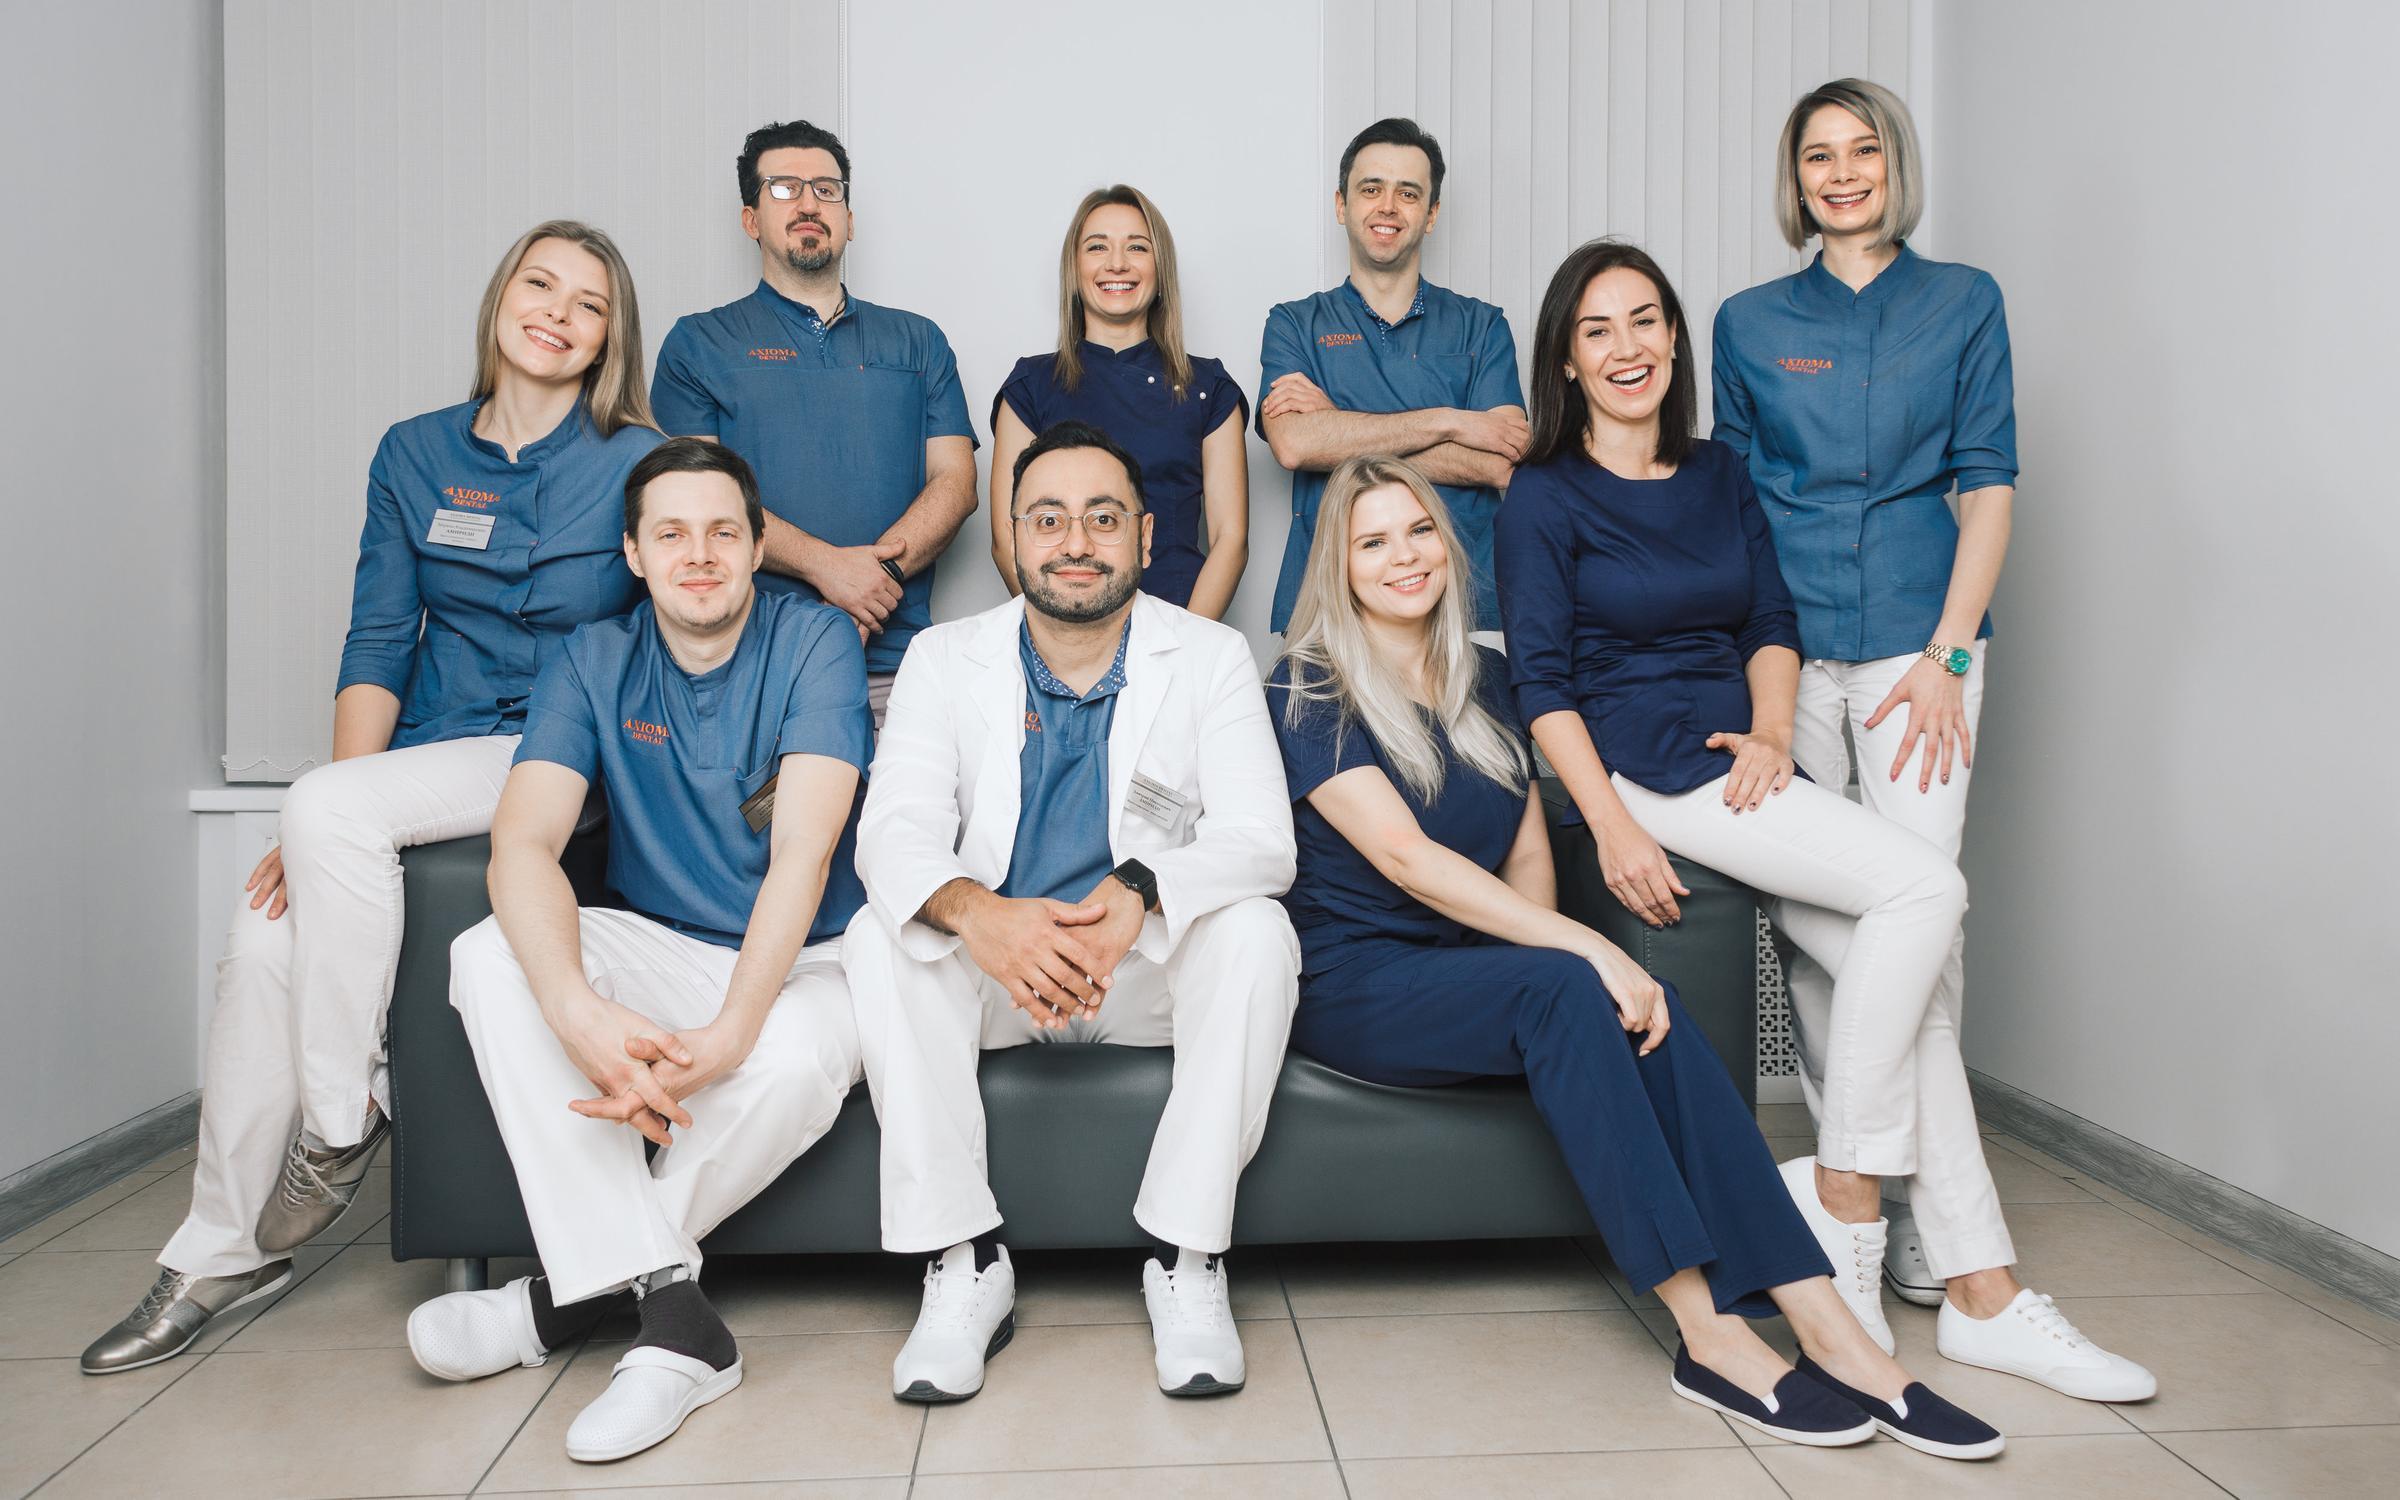 фотография Стоматологической клиники Аксиома Дентал в Центральном районе